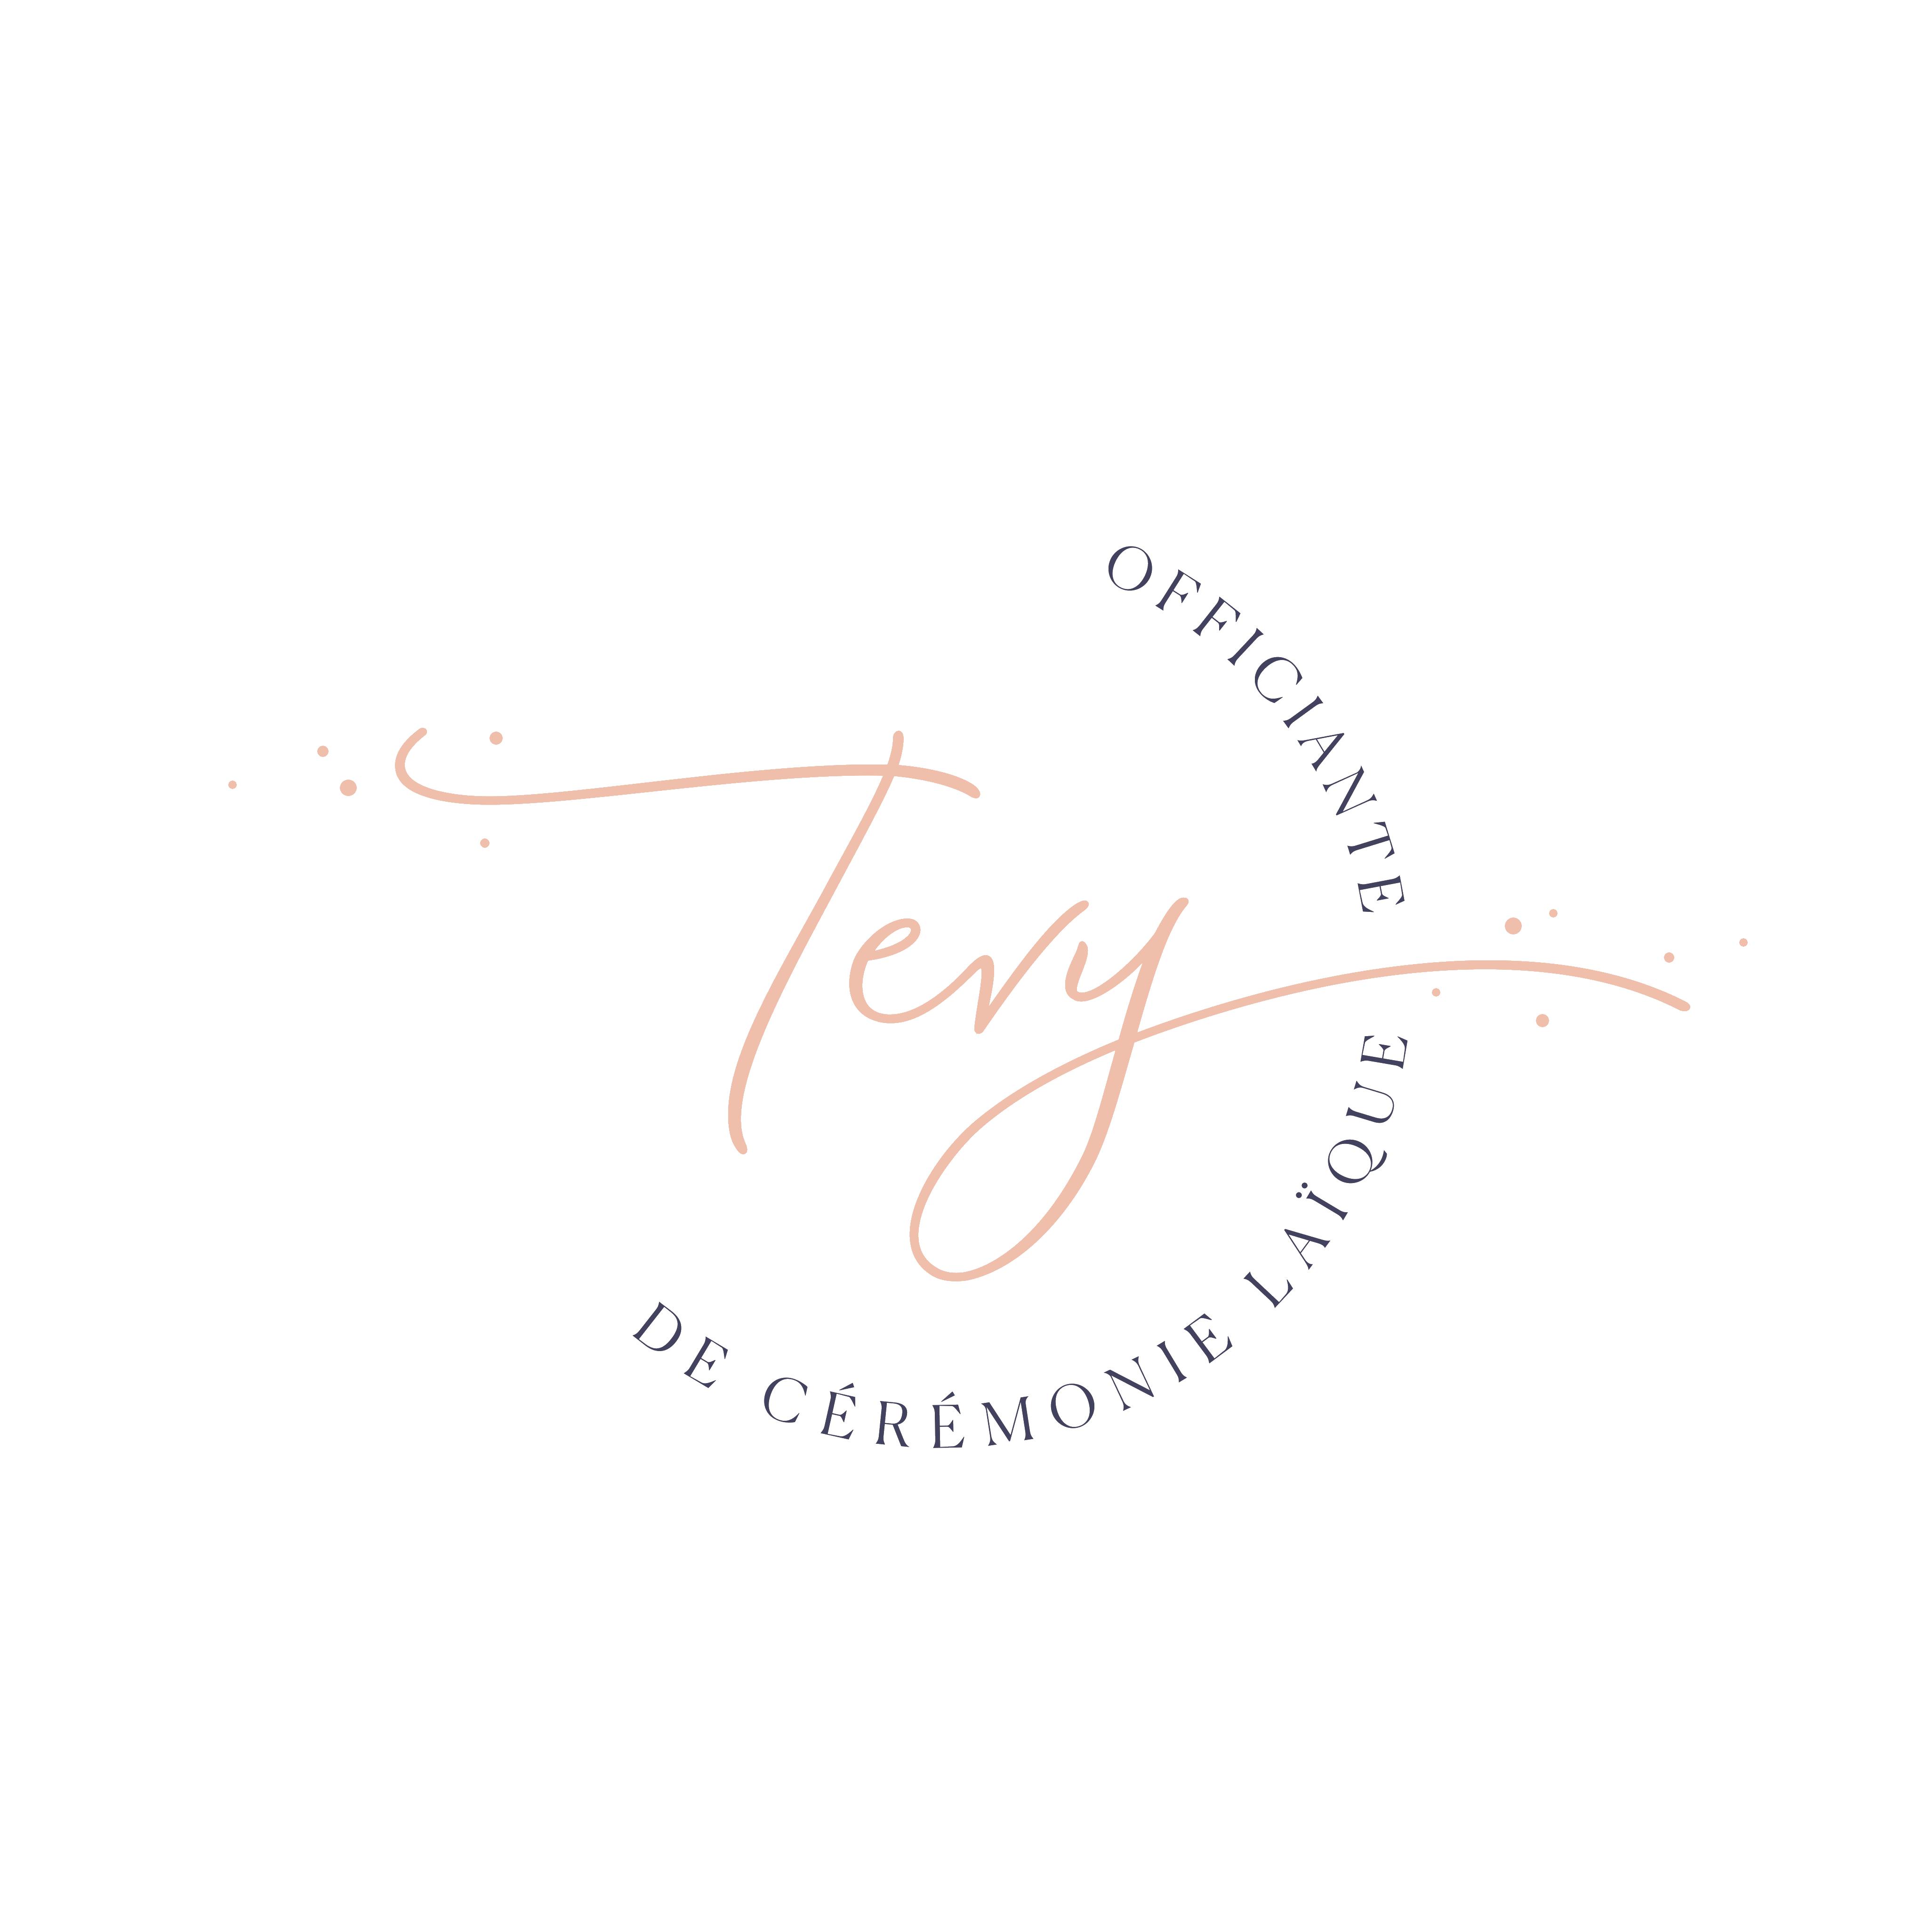 Tevy Ceremony